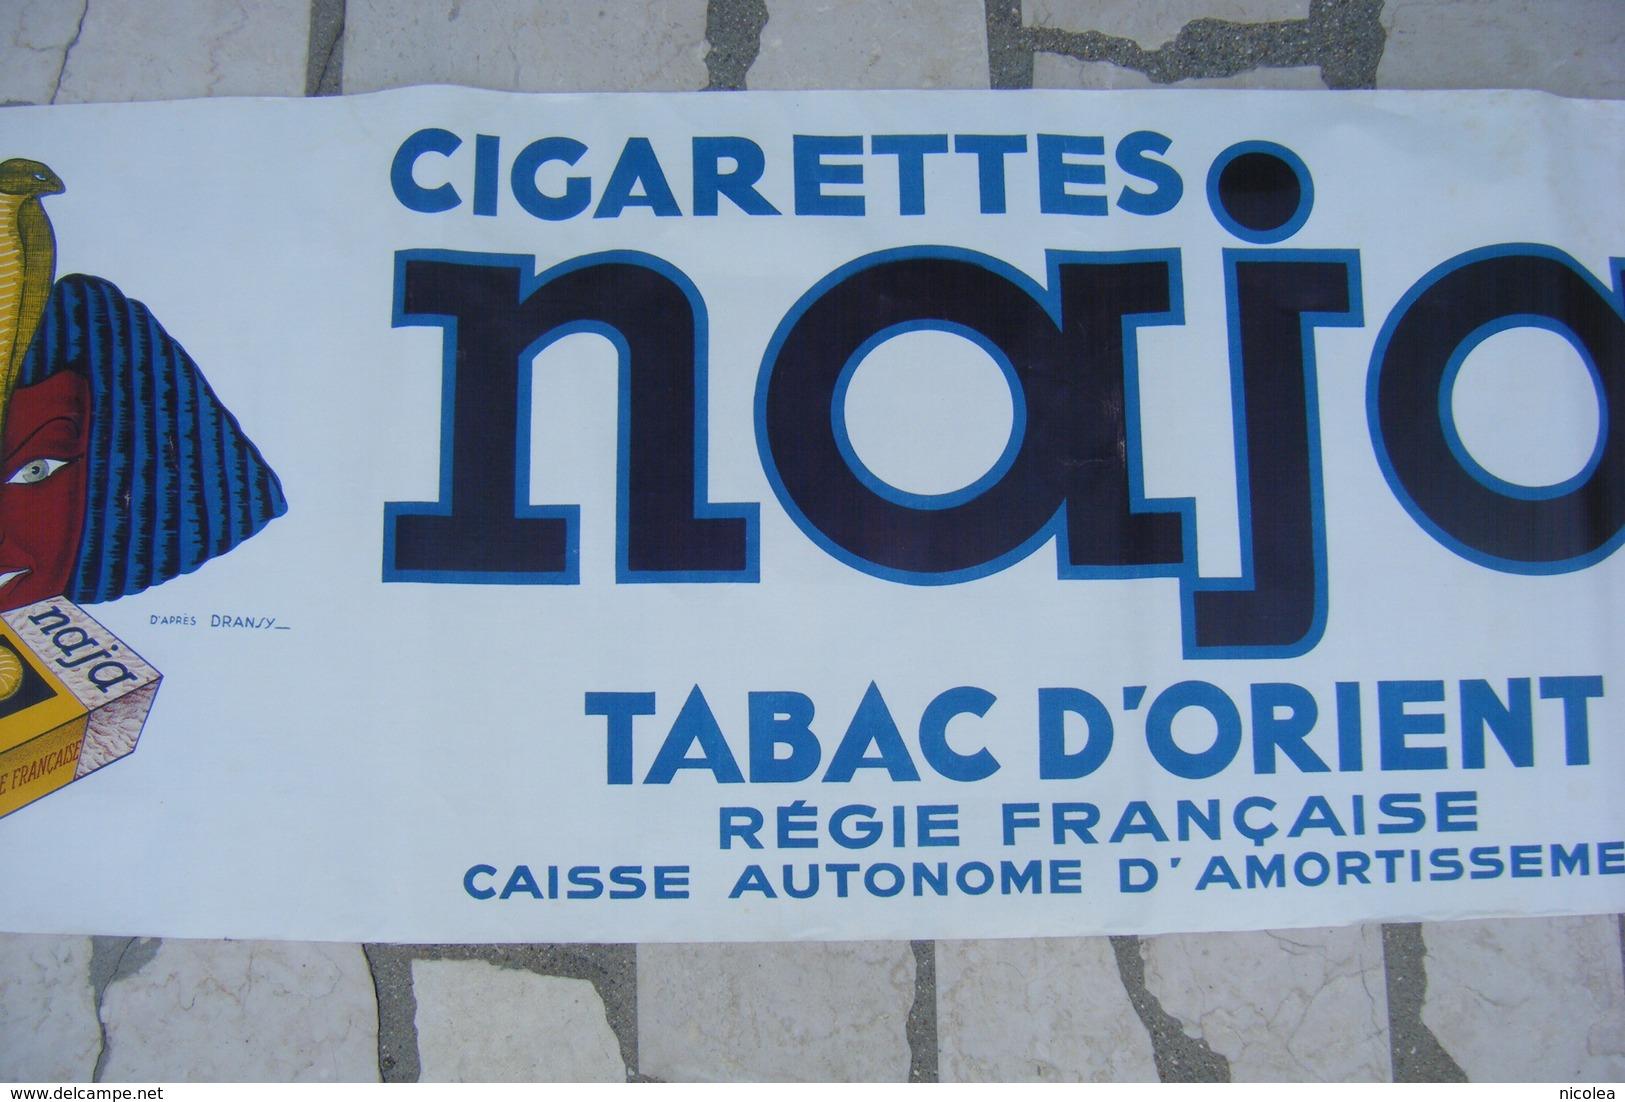 DRANSY GRANDE AFFICHE PUBLICITAIRE 1937 ENTOILEE CIGARETTES NAJA  119 X 39 CM Création De La Vasselais Paris - Altri